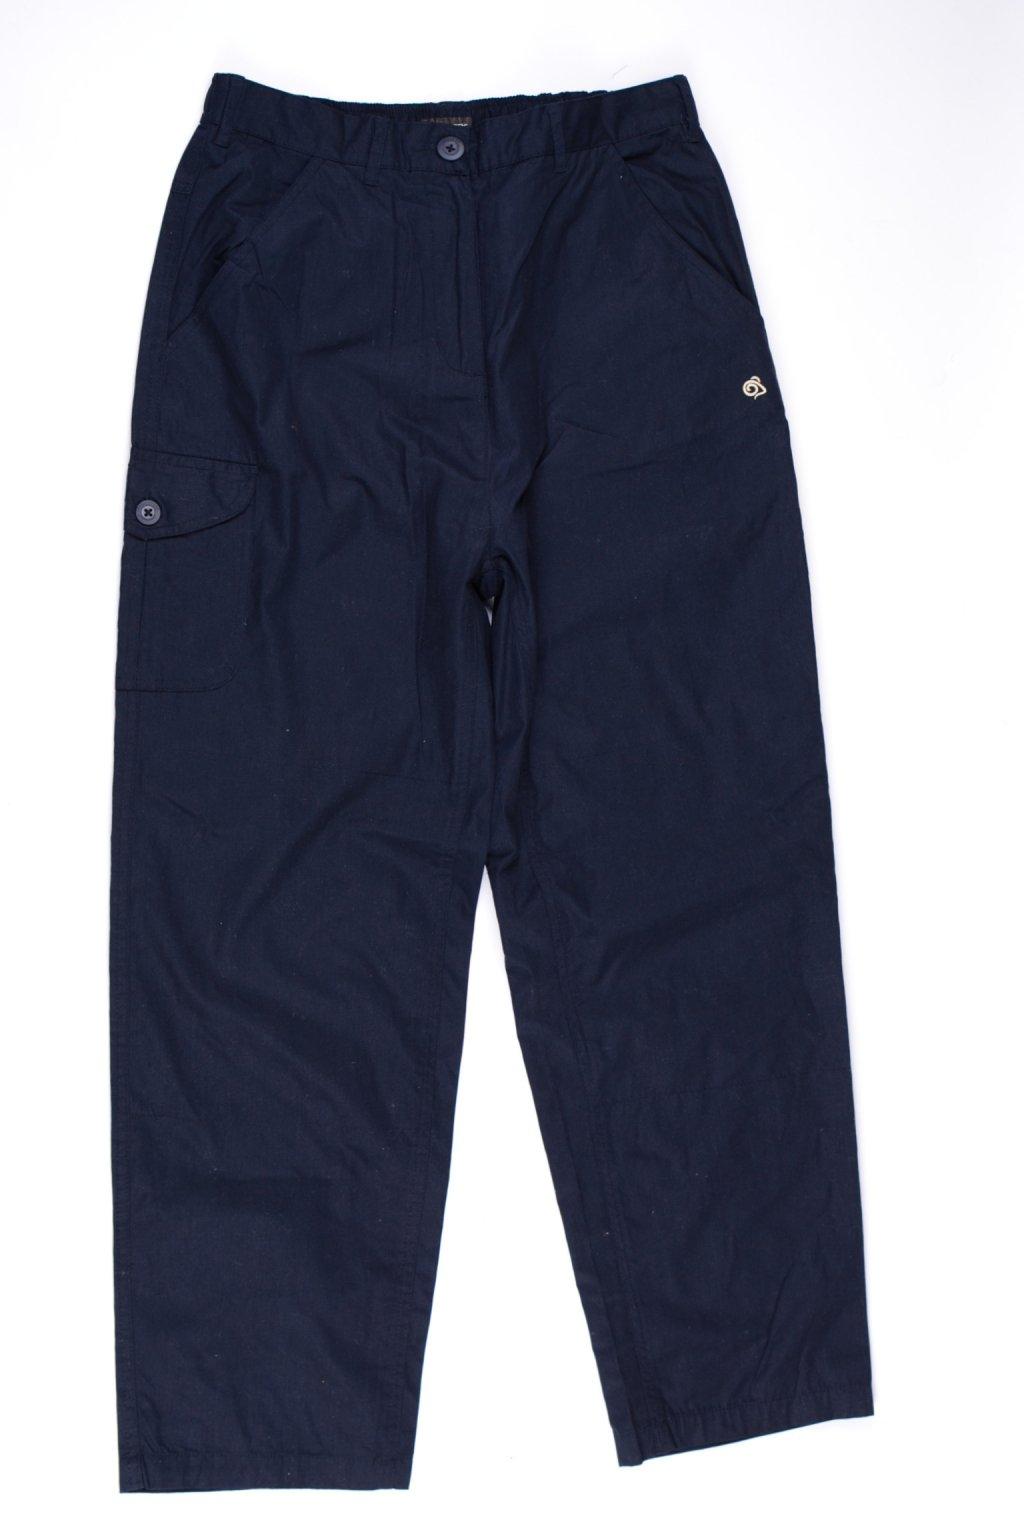 Kalhoty Craghoppers vel EUR 40/ UK 14 vel S-M černé